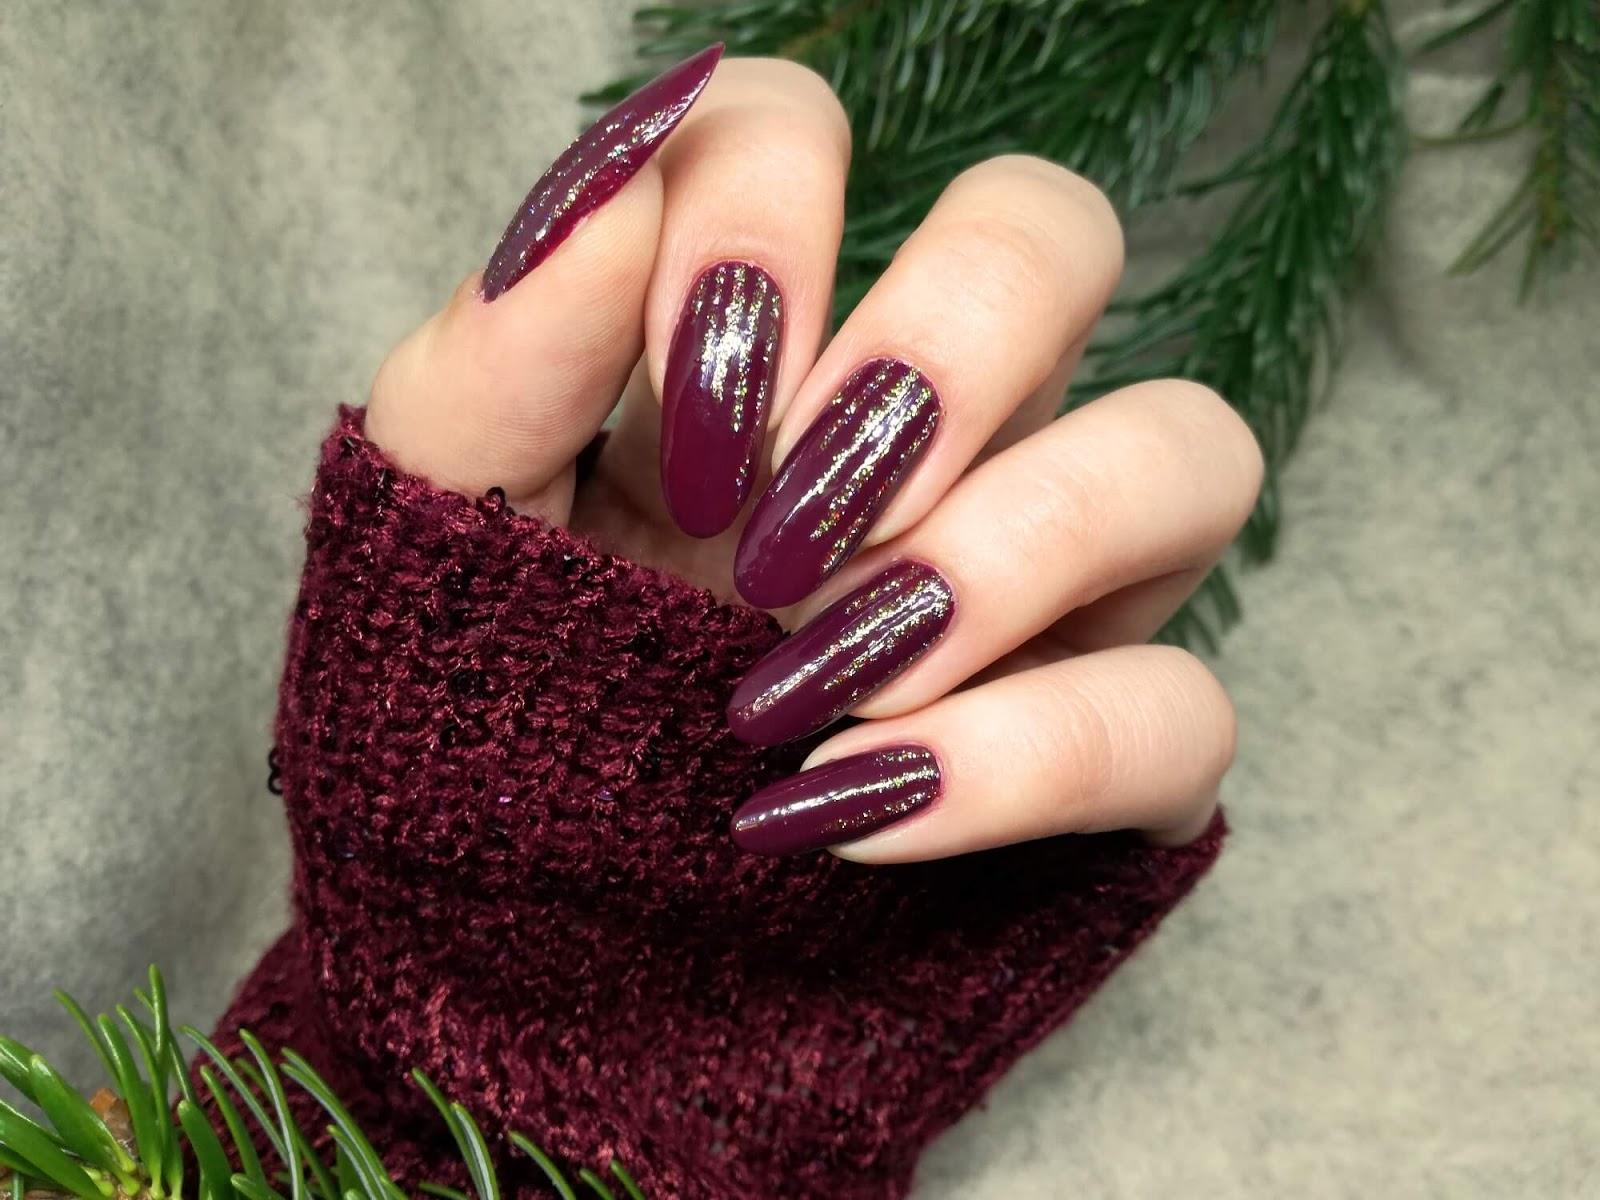 bordowe paznokcie z brokatowymi liniami